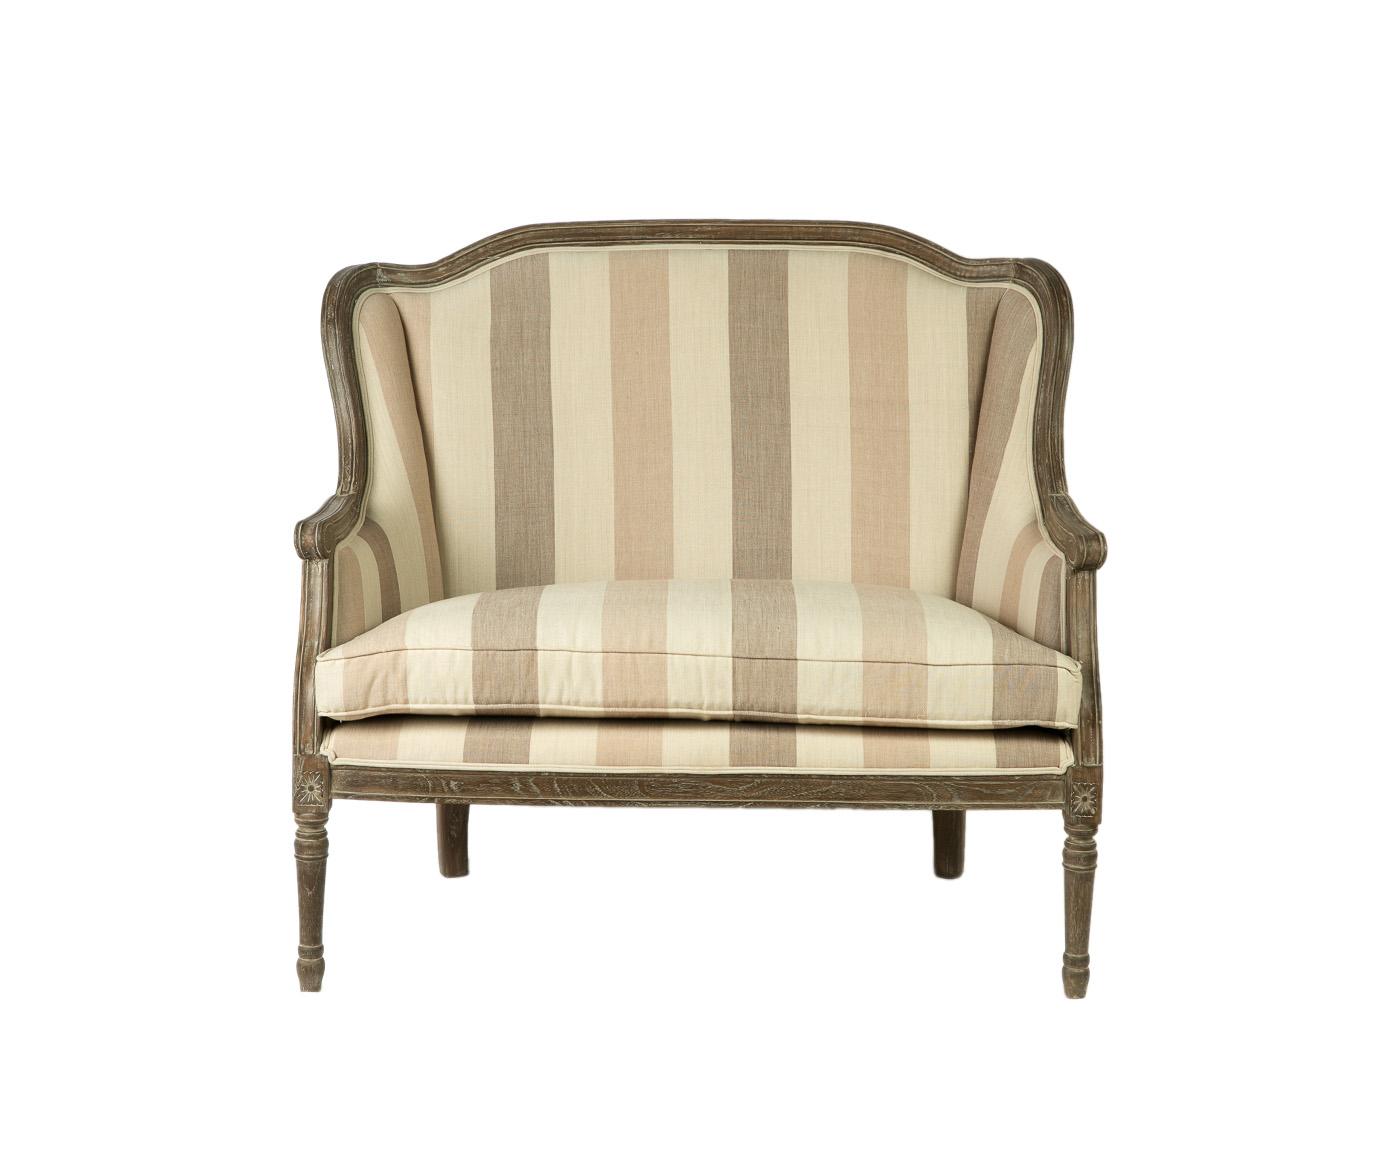 ДиванеткаДвухместные диваны<br>&amp;lt;div&amp;gt;Эта диванетка &amp;amp;nbsp;? &amp;amp;nbsp;золотая середина между креслом и диваном. Она подойдет для романтичного интерьера в духе французской провинции. Хороша будет и в строгой классической обстановке, которую нужно немного &amp;quot;смягчить&amp;quot;. Украшения спинки и подлокотников, а также основание и ножки изготовлены из дорогого красного дерева. Обивка в широкую поперечную &amp;amp;nbsp;полоску сшита из натуральной хлопковой материи.&amp;lt;/div&amp;gt;<br><br>Material: Текстиль<br>Length см: 106<br>Width см: 66<br>Depth см: None<br>Height см: 97<br>Diameter см: None